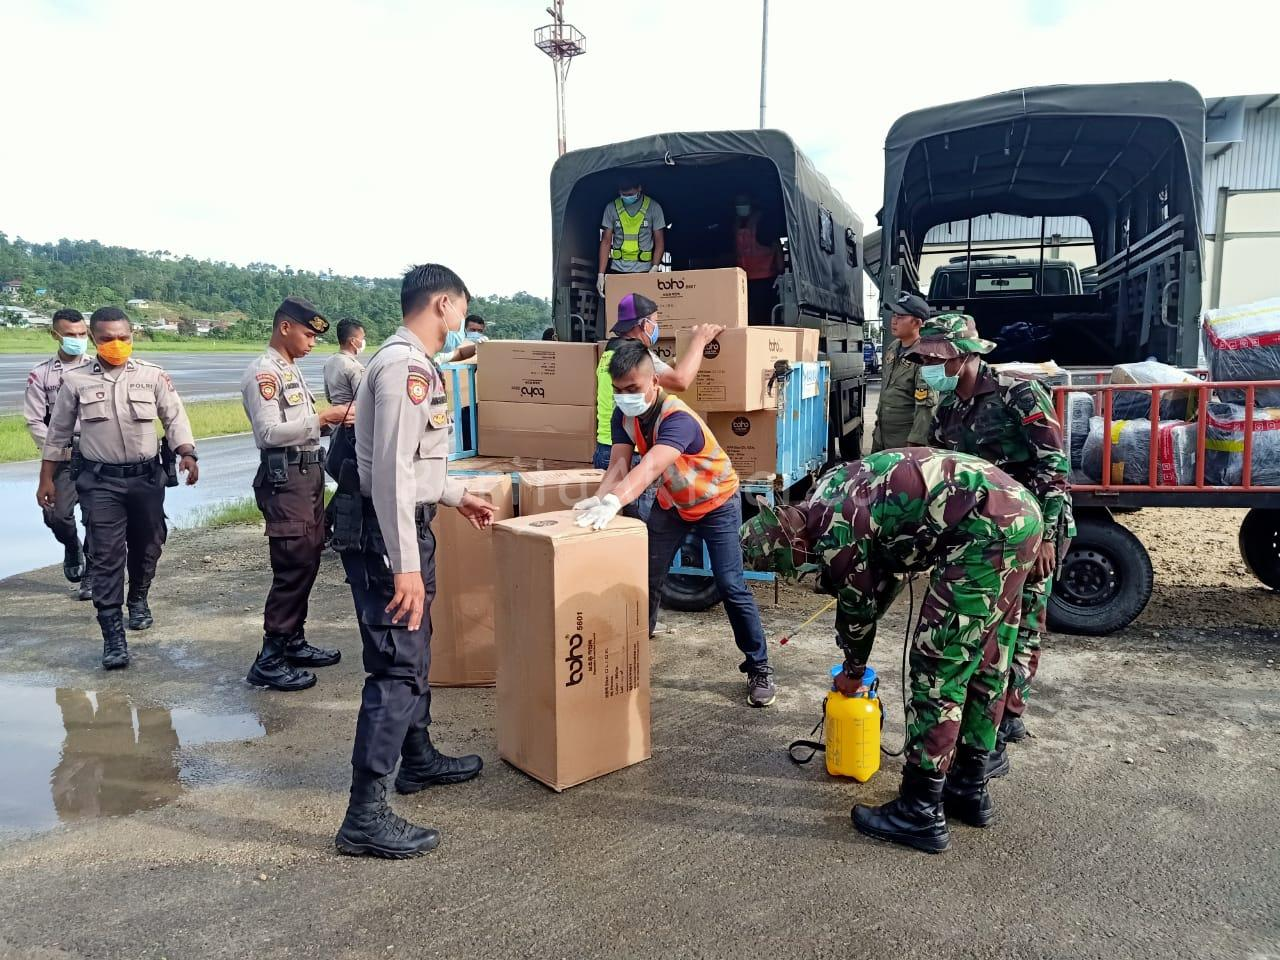 Bantuan Dari Pemerintah Pusat 2000 APD dan 10.000 Masker Tiba di Manokwari 18 IMG 20200403 WA0016